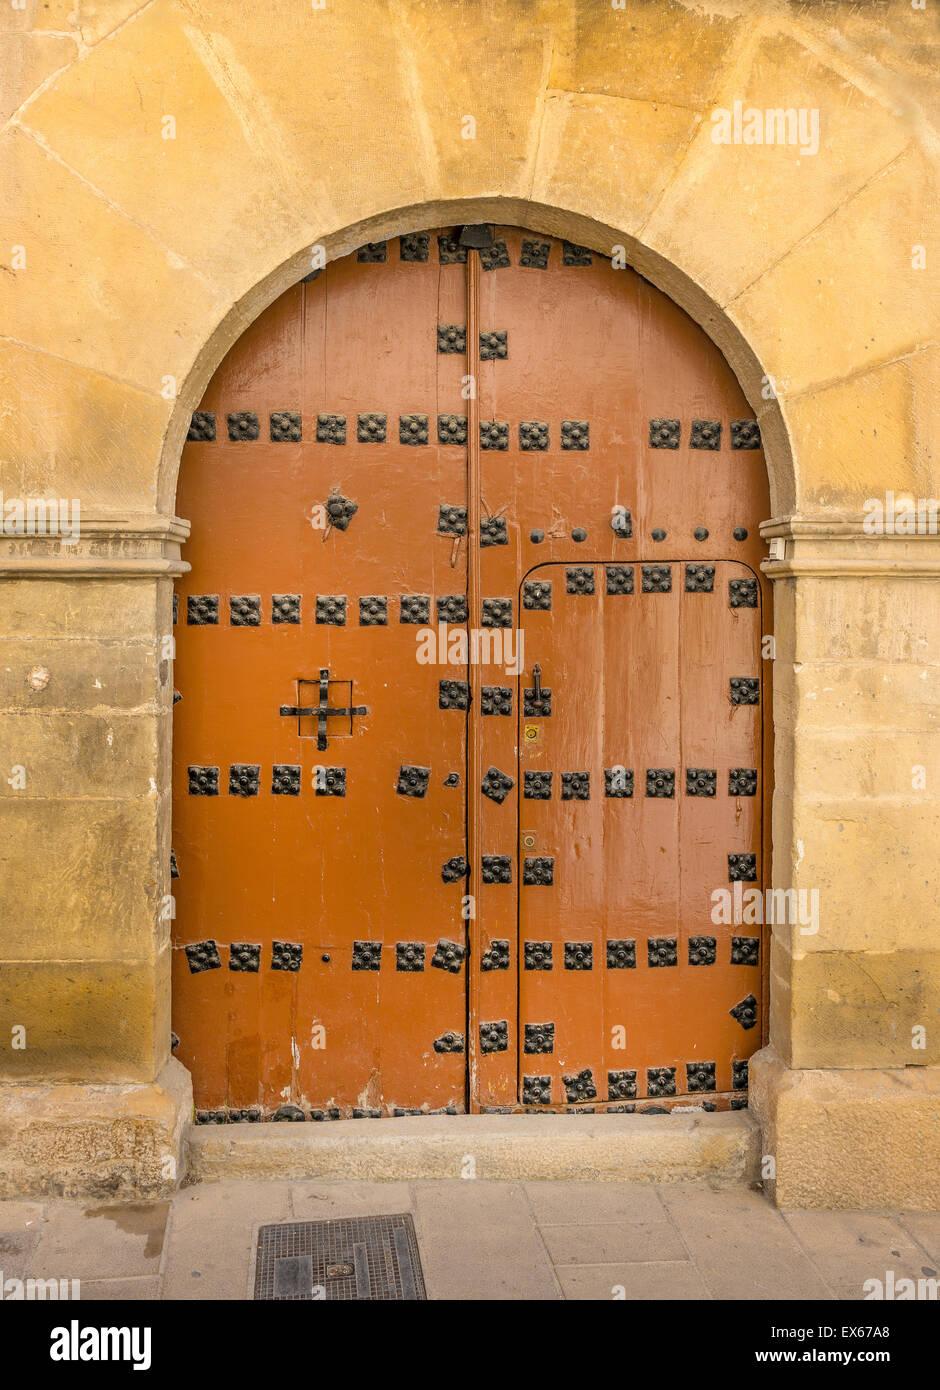 Old Wooden Door in Ubeda, Jaen Province, Andalusia, Spain Stock Photo